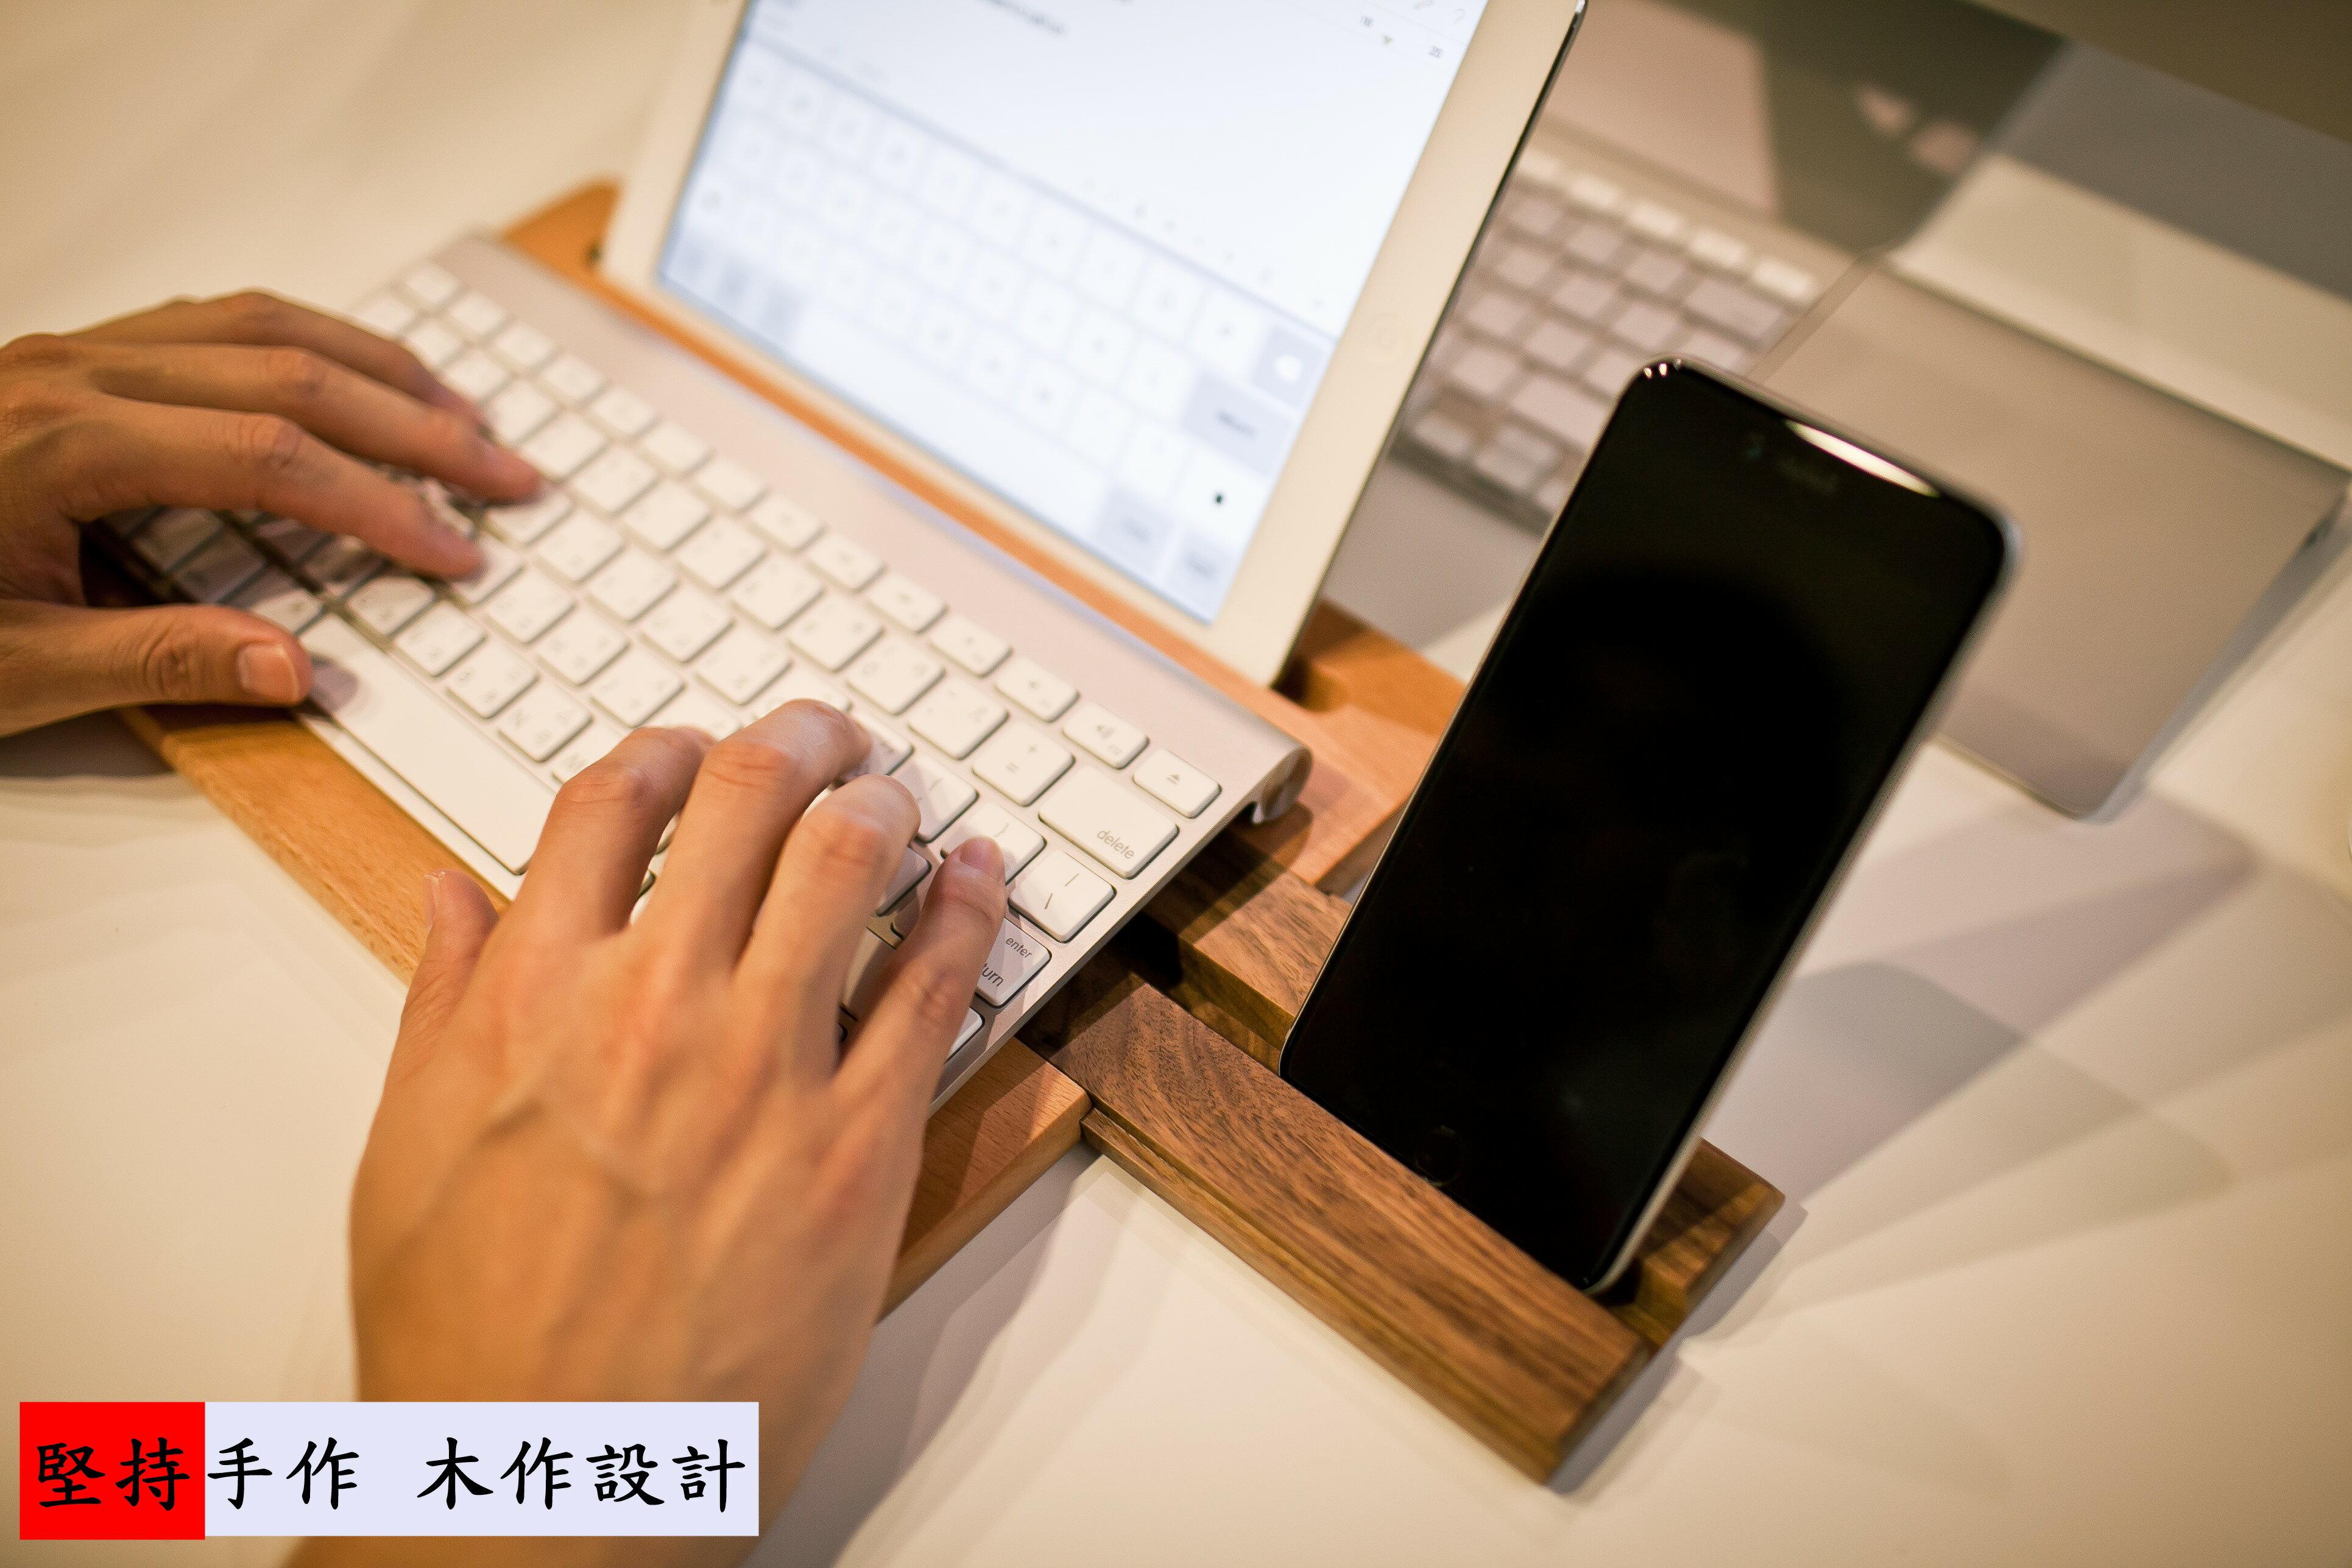 《石三木廠》APPLE IPAD IPHONE木製多功能平板電腦立架 更可供各廠牌手機與平板使用